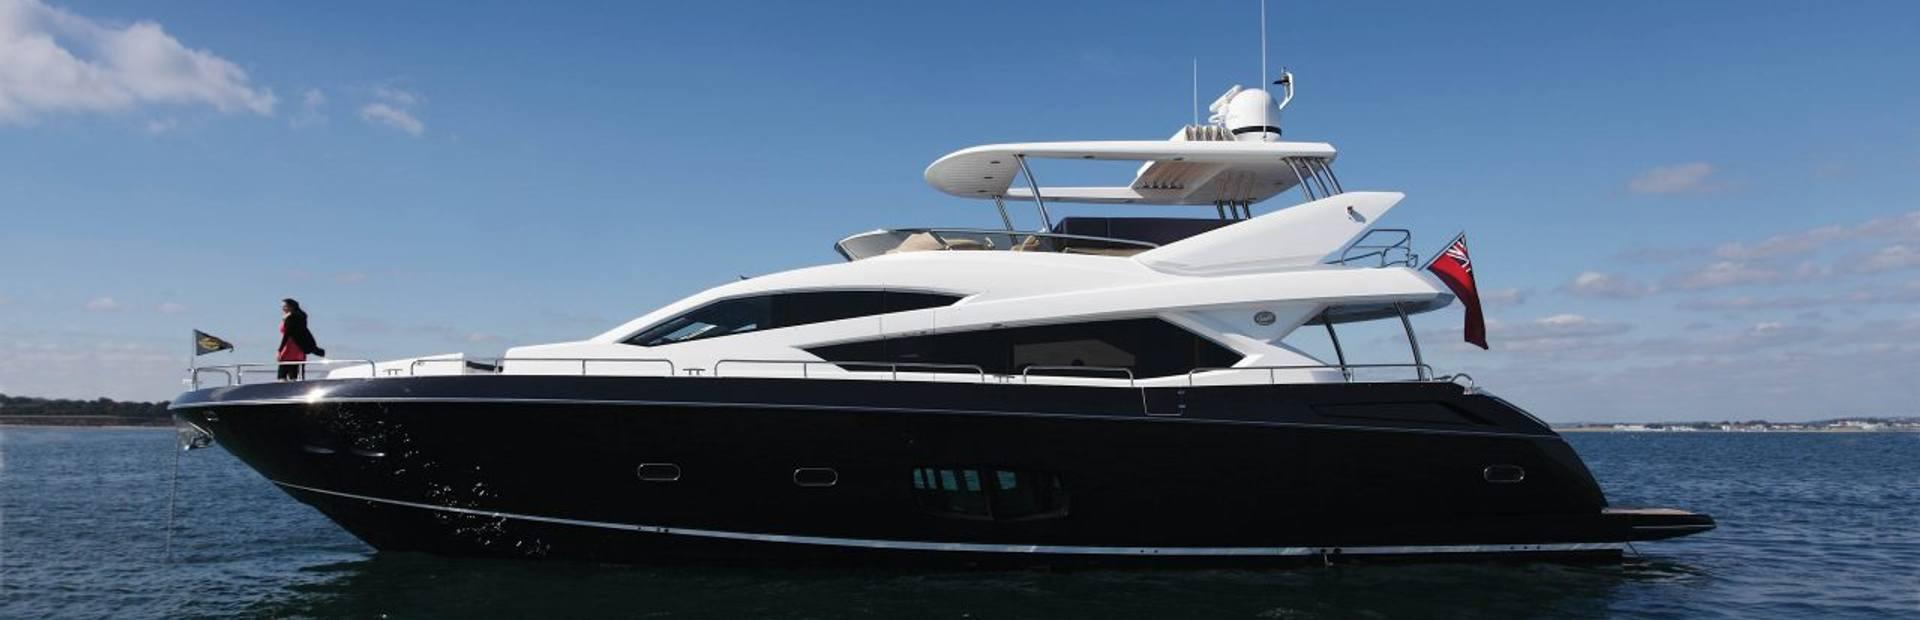 80 Yacht Yacht Charter